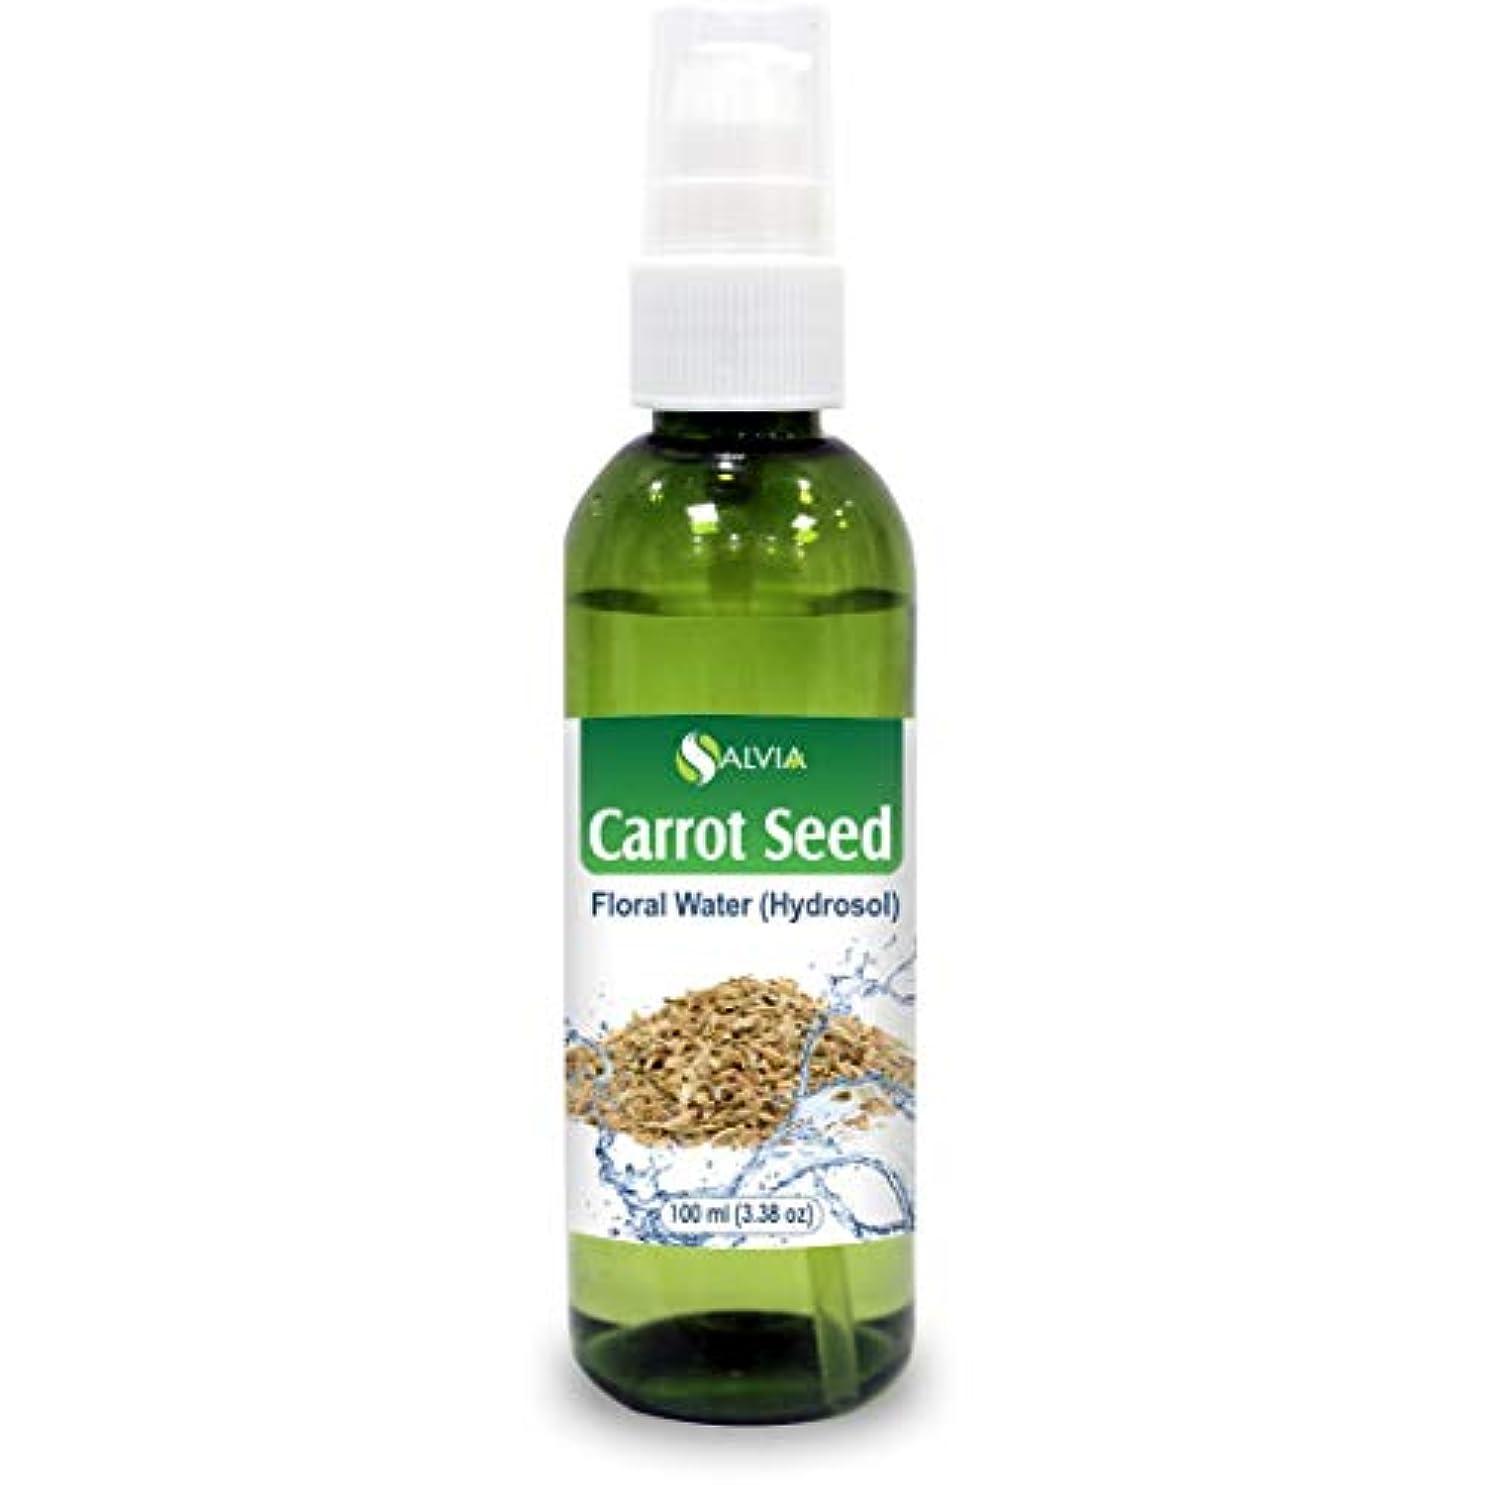 株式会社かもめプレミアCarrot Seed Floral Water Floral Water 100ml (Hydrosol) 100% Pure And Natural